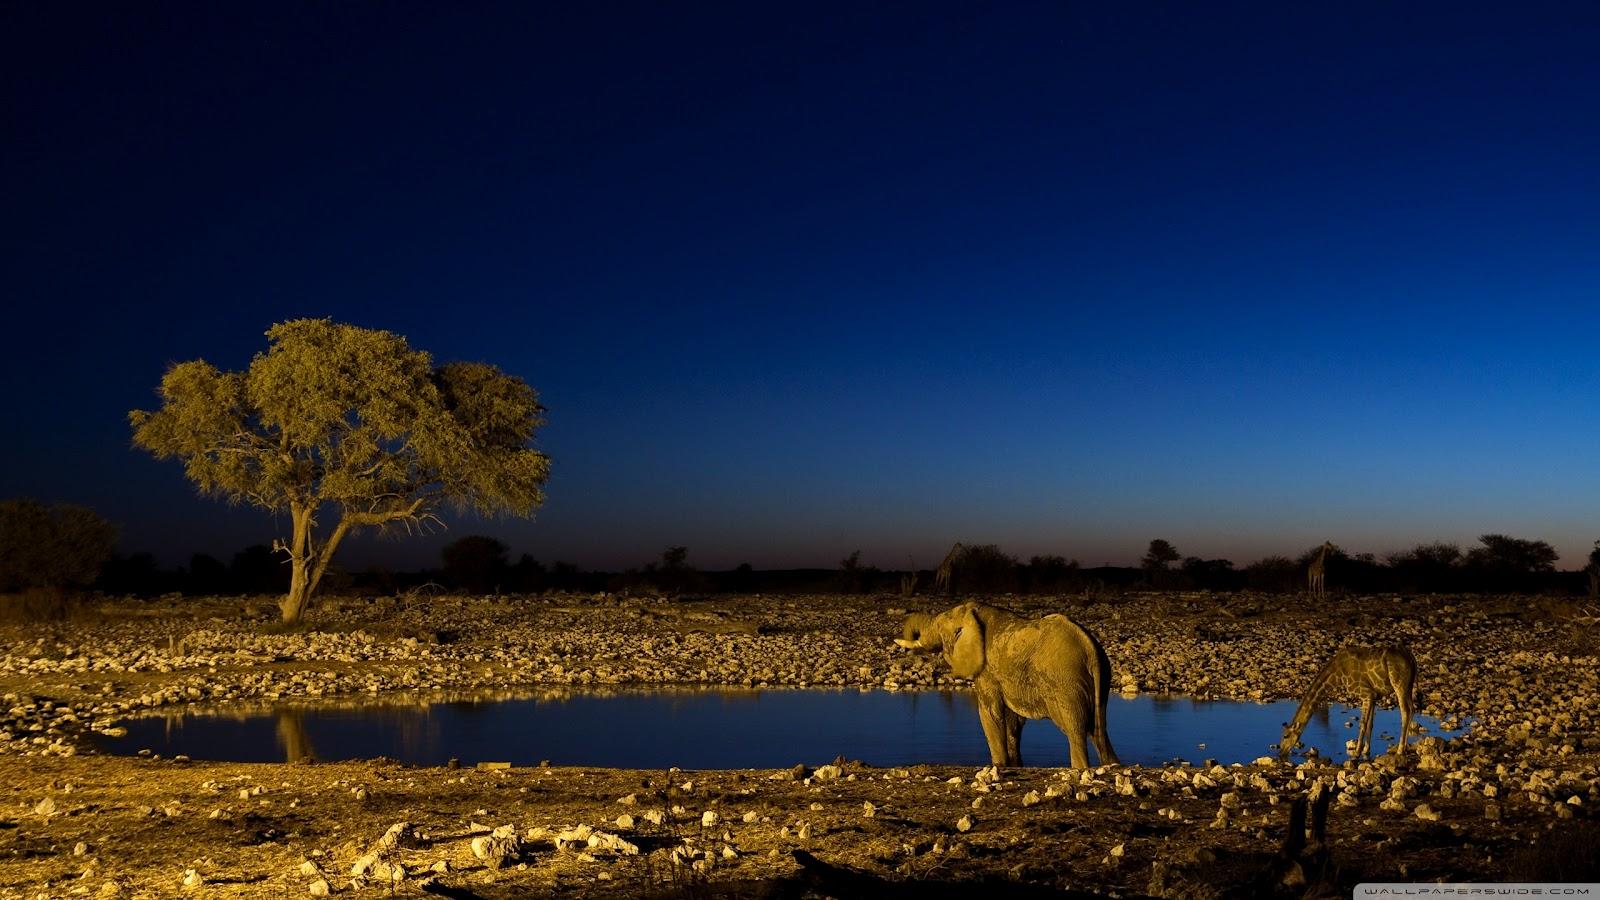 http://2.bp.blogspot.com/-OitU_SNathg/UDVyla-TfTI/AAAAAAAAEK0/uTcI6rSDmRQ/s1600/African+Elephants+wallpaper.jpg